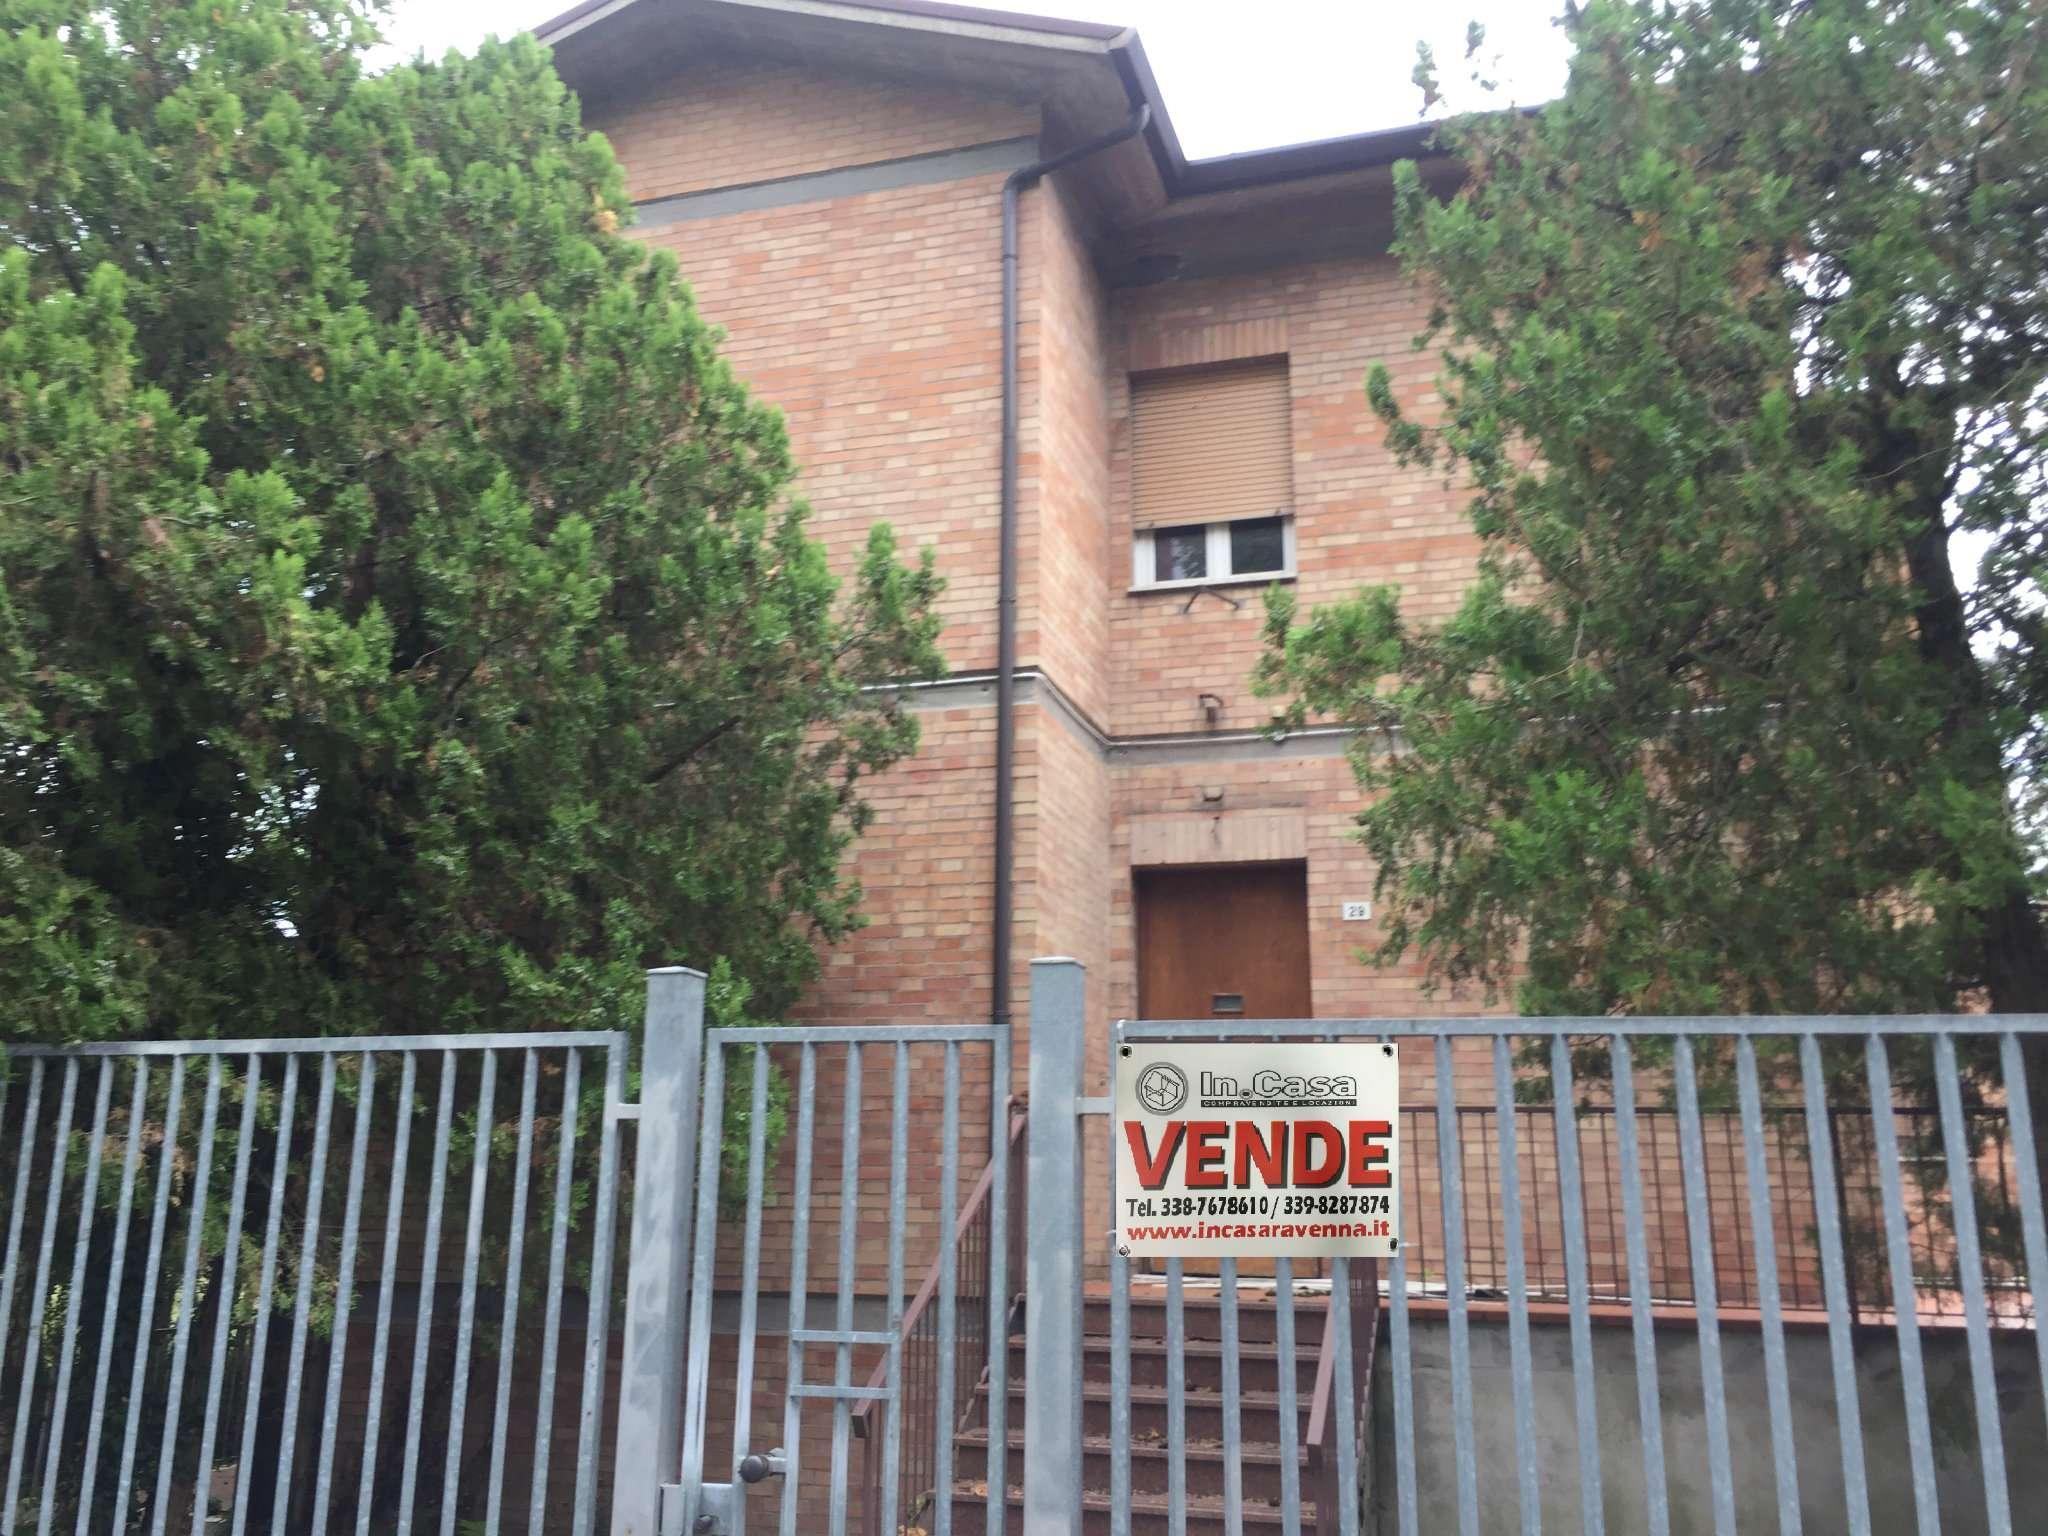 Immobile Commerciale in Vendita a Ravenna